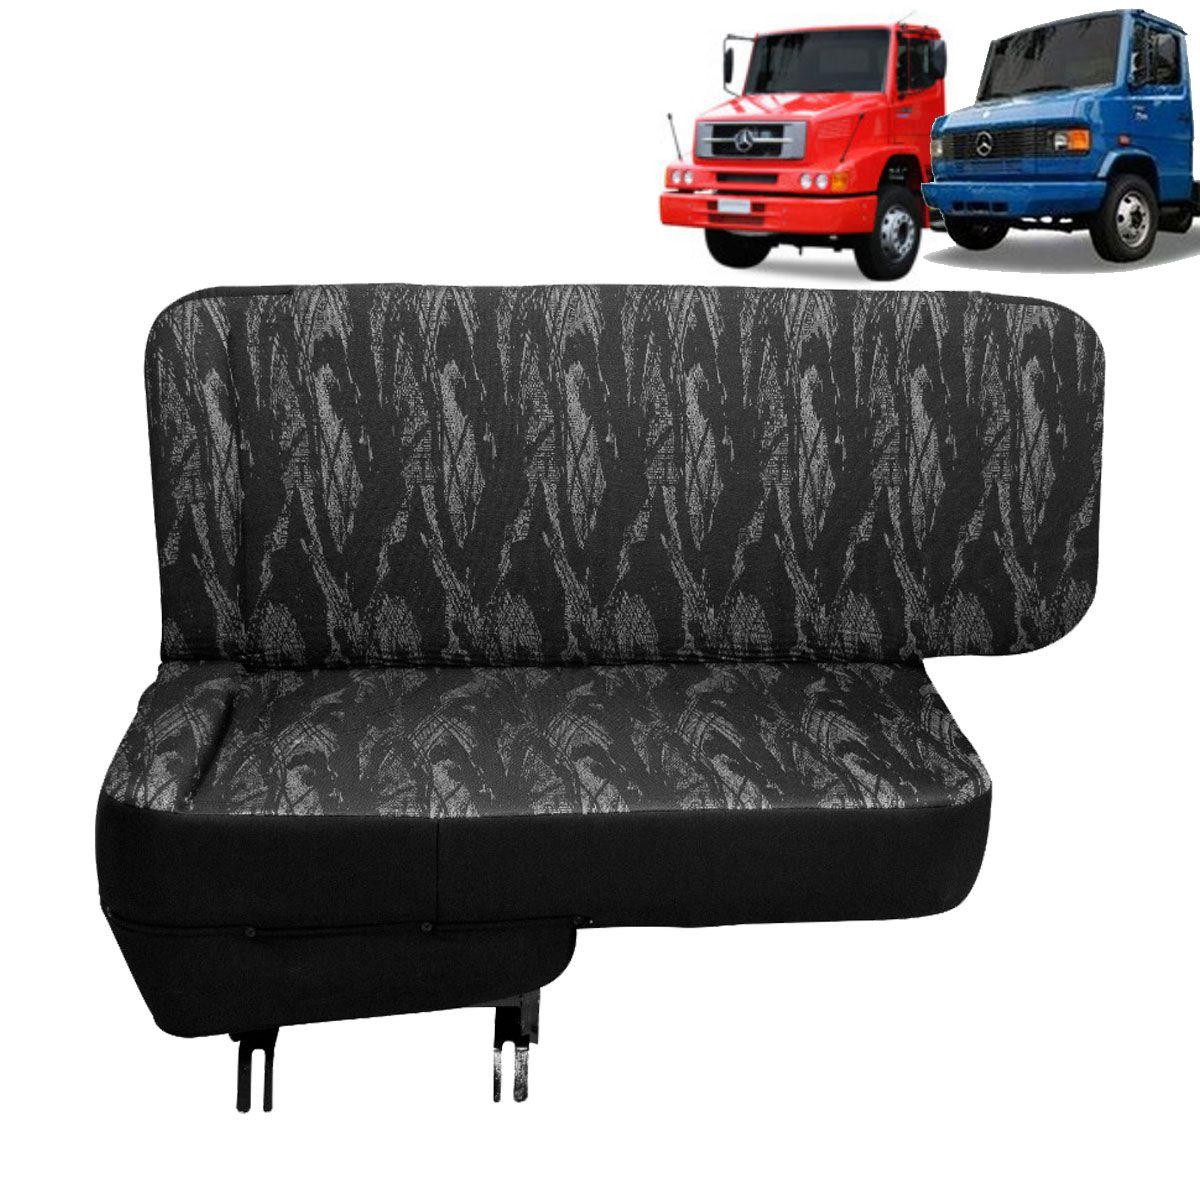 Sofá Cama para Caminhão MB 1618 MB 710 Lado Carona